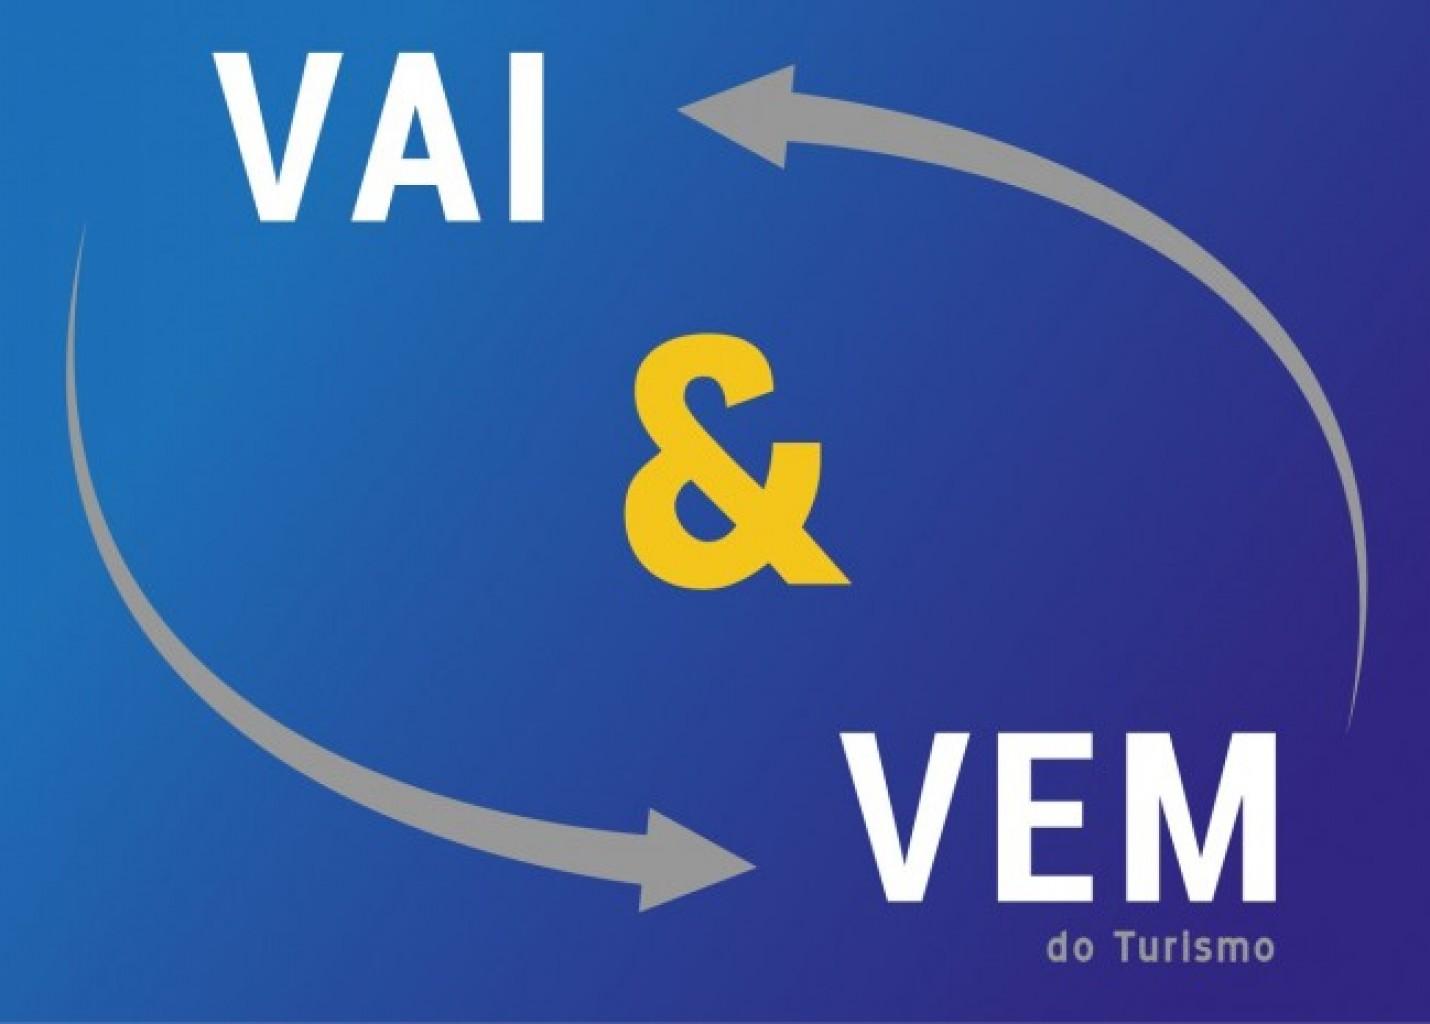 VAI E VEM: Cleiton Feijó deixa Visual Turismo e British Airways tem novo CEO